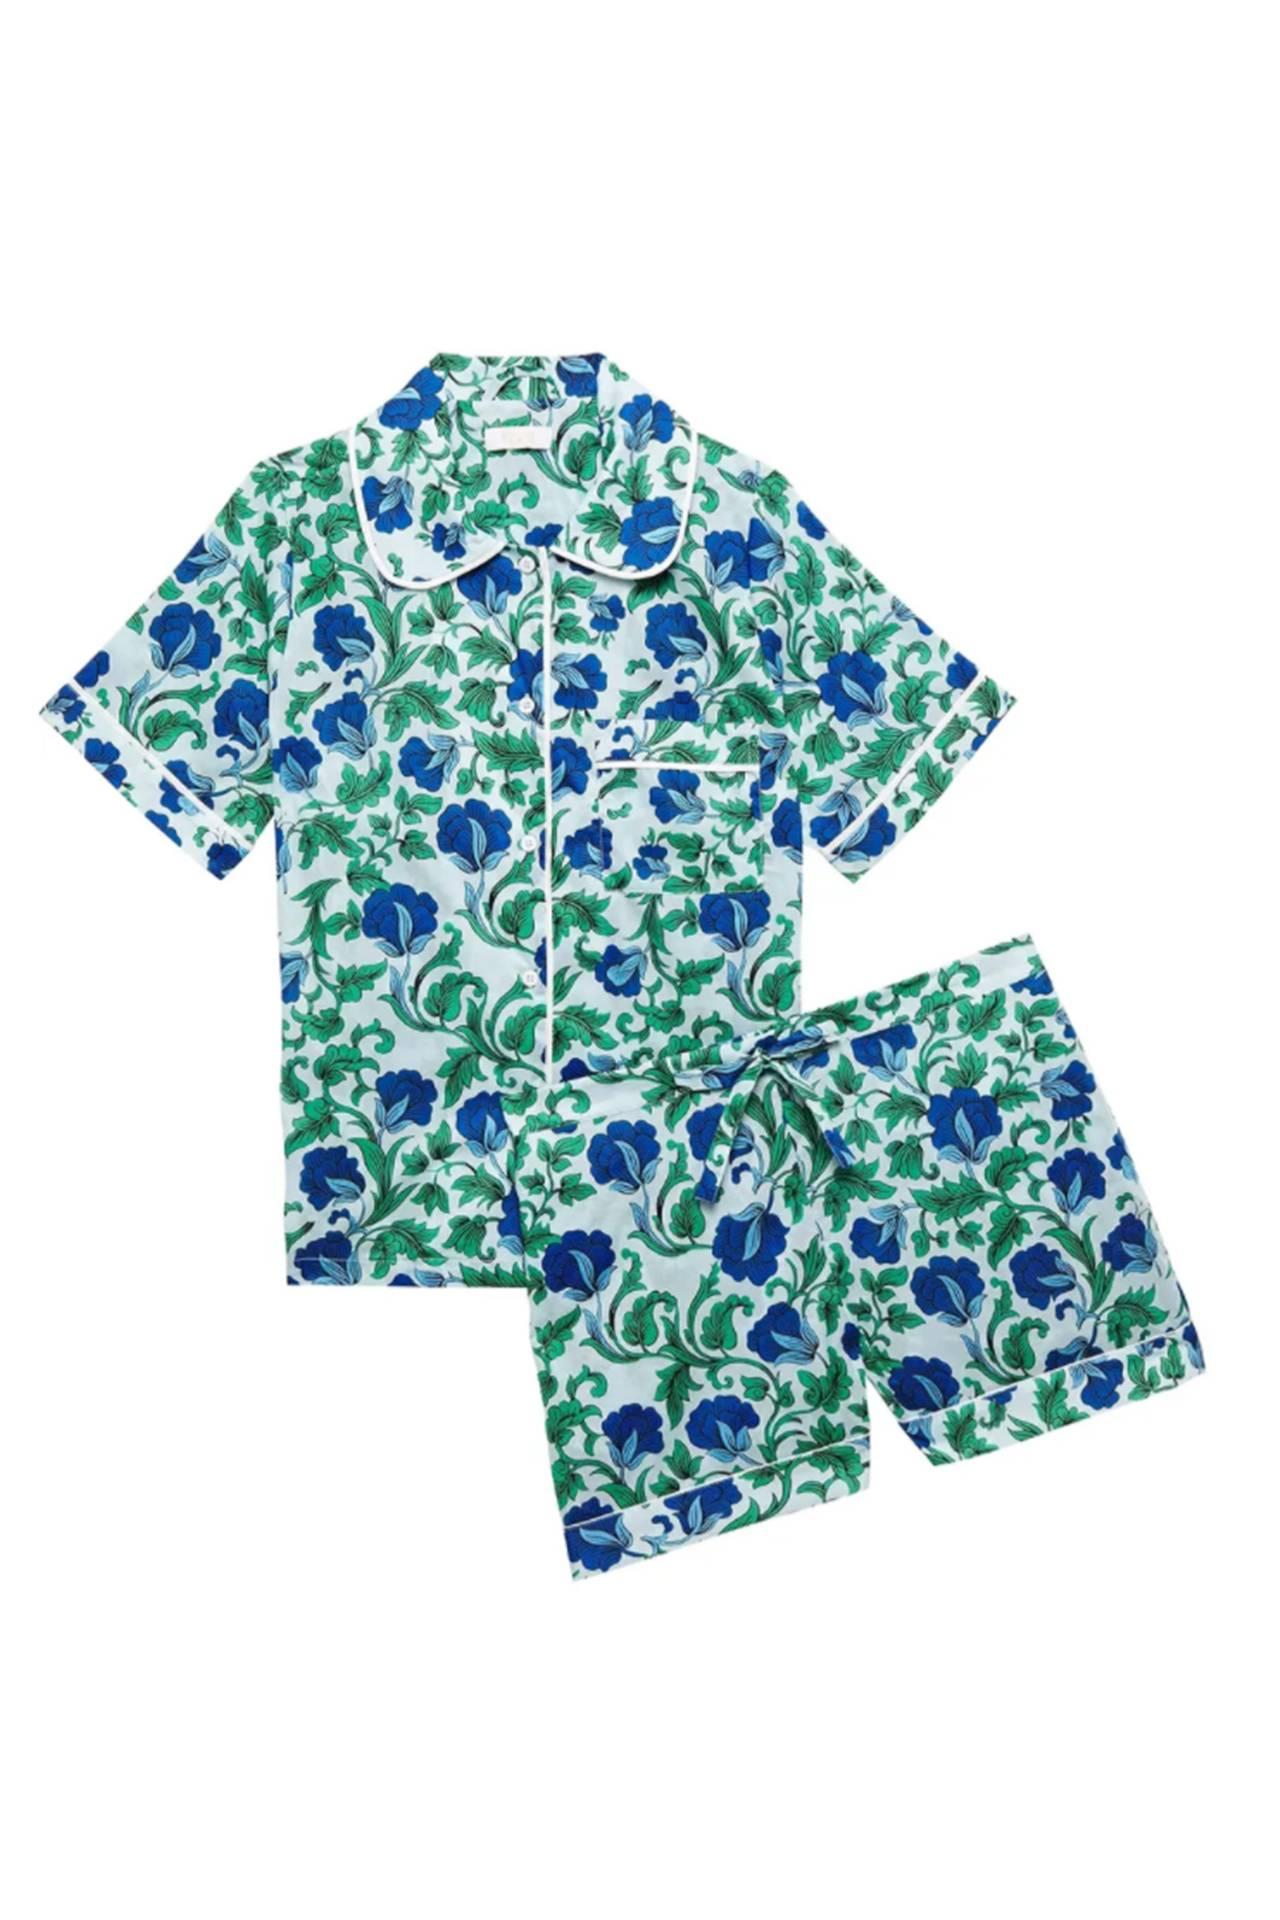 3. Pyjama